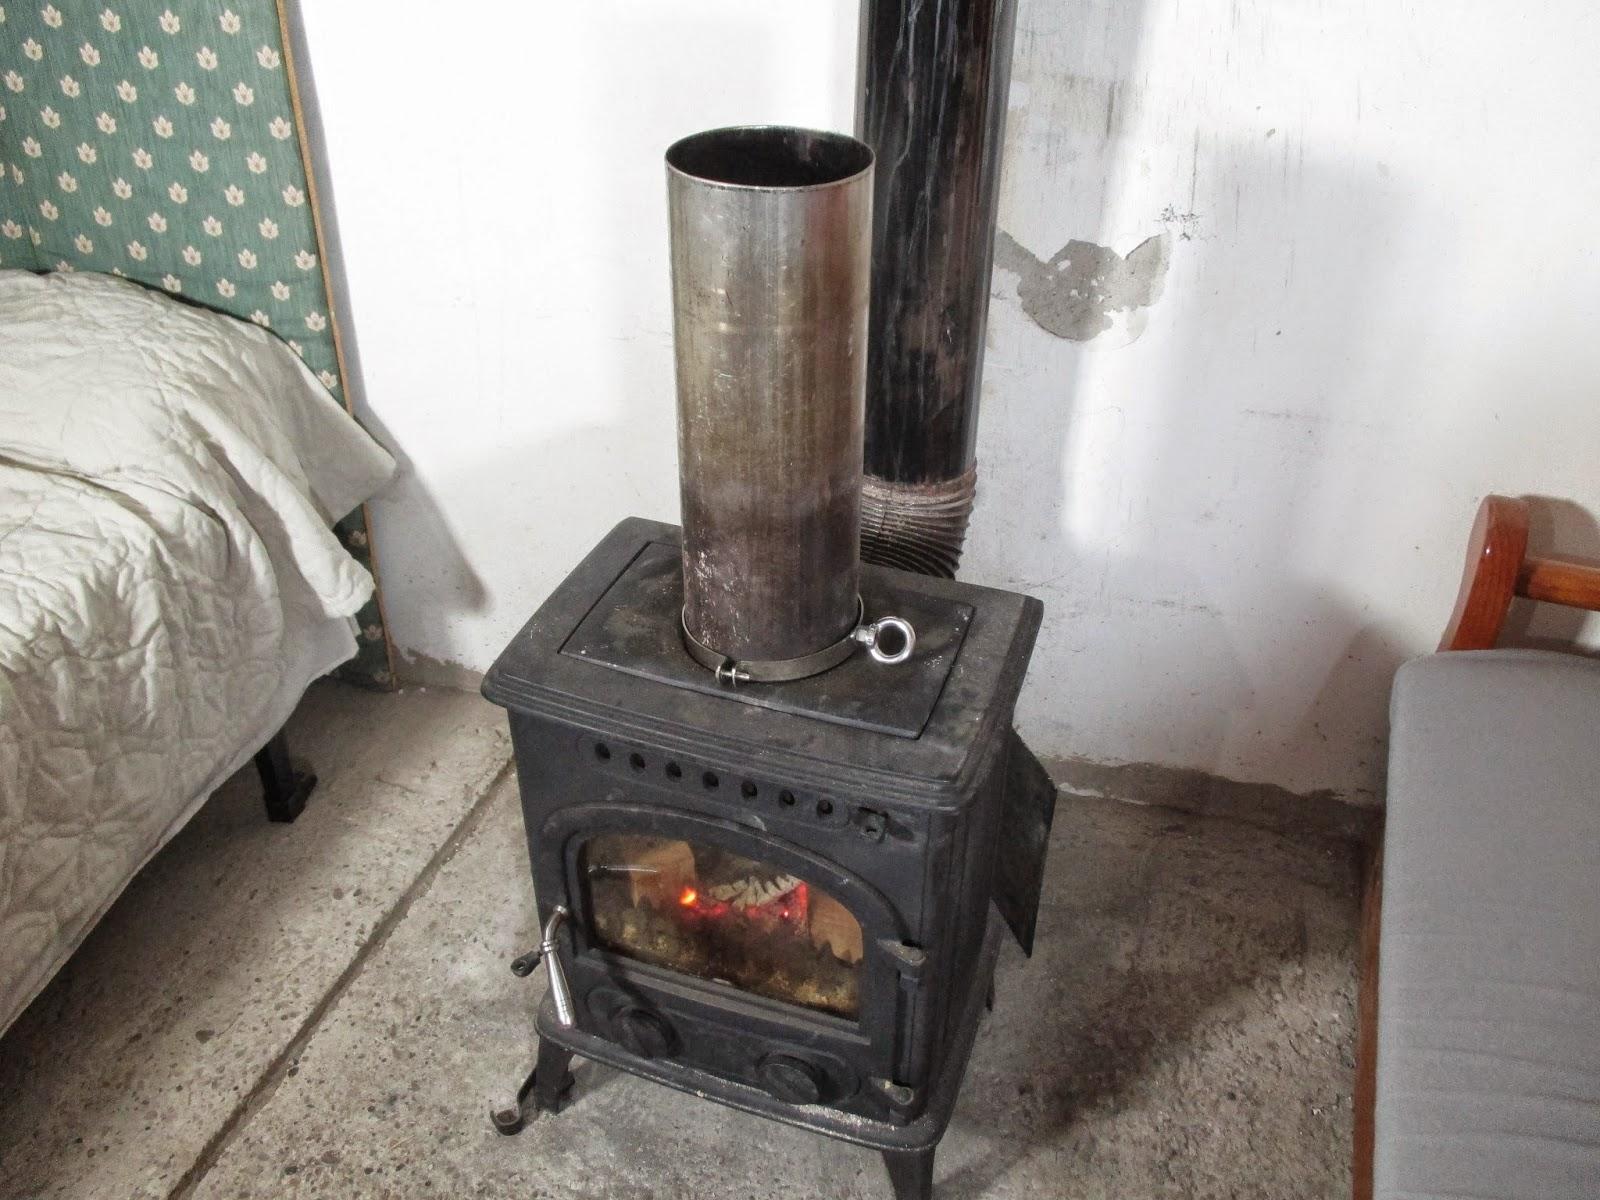 Calor por un tubo estufas de le a - Estufa lena pequena ...